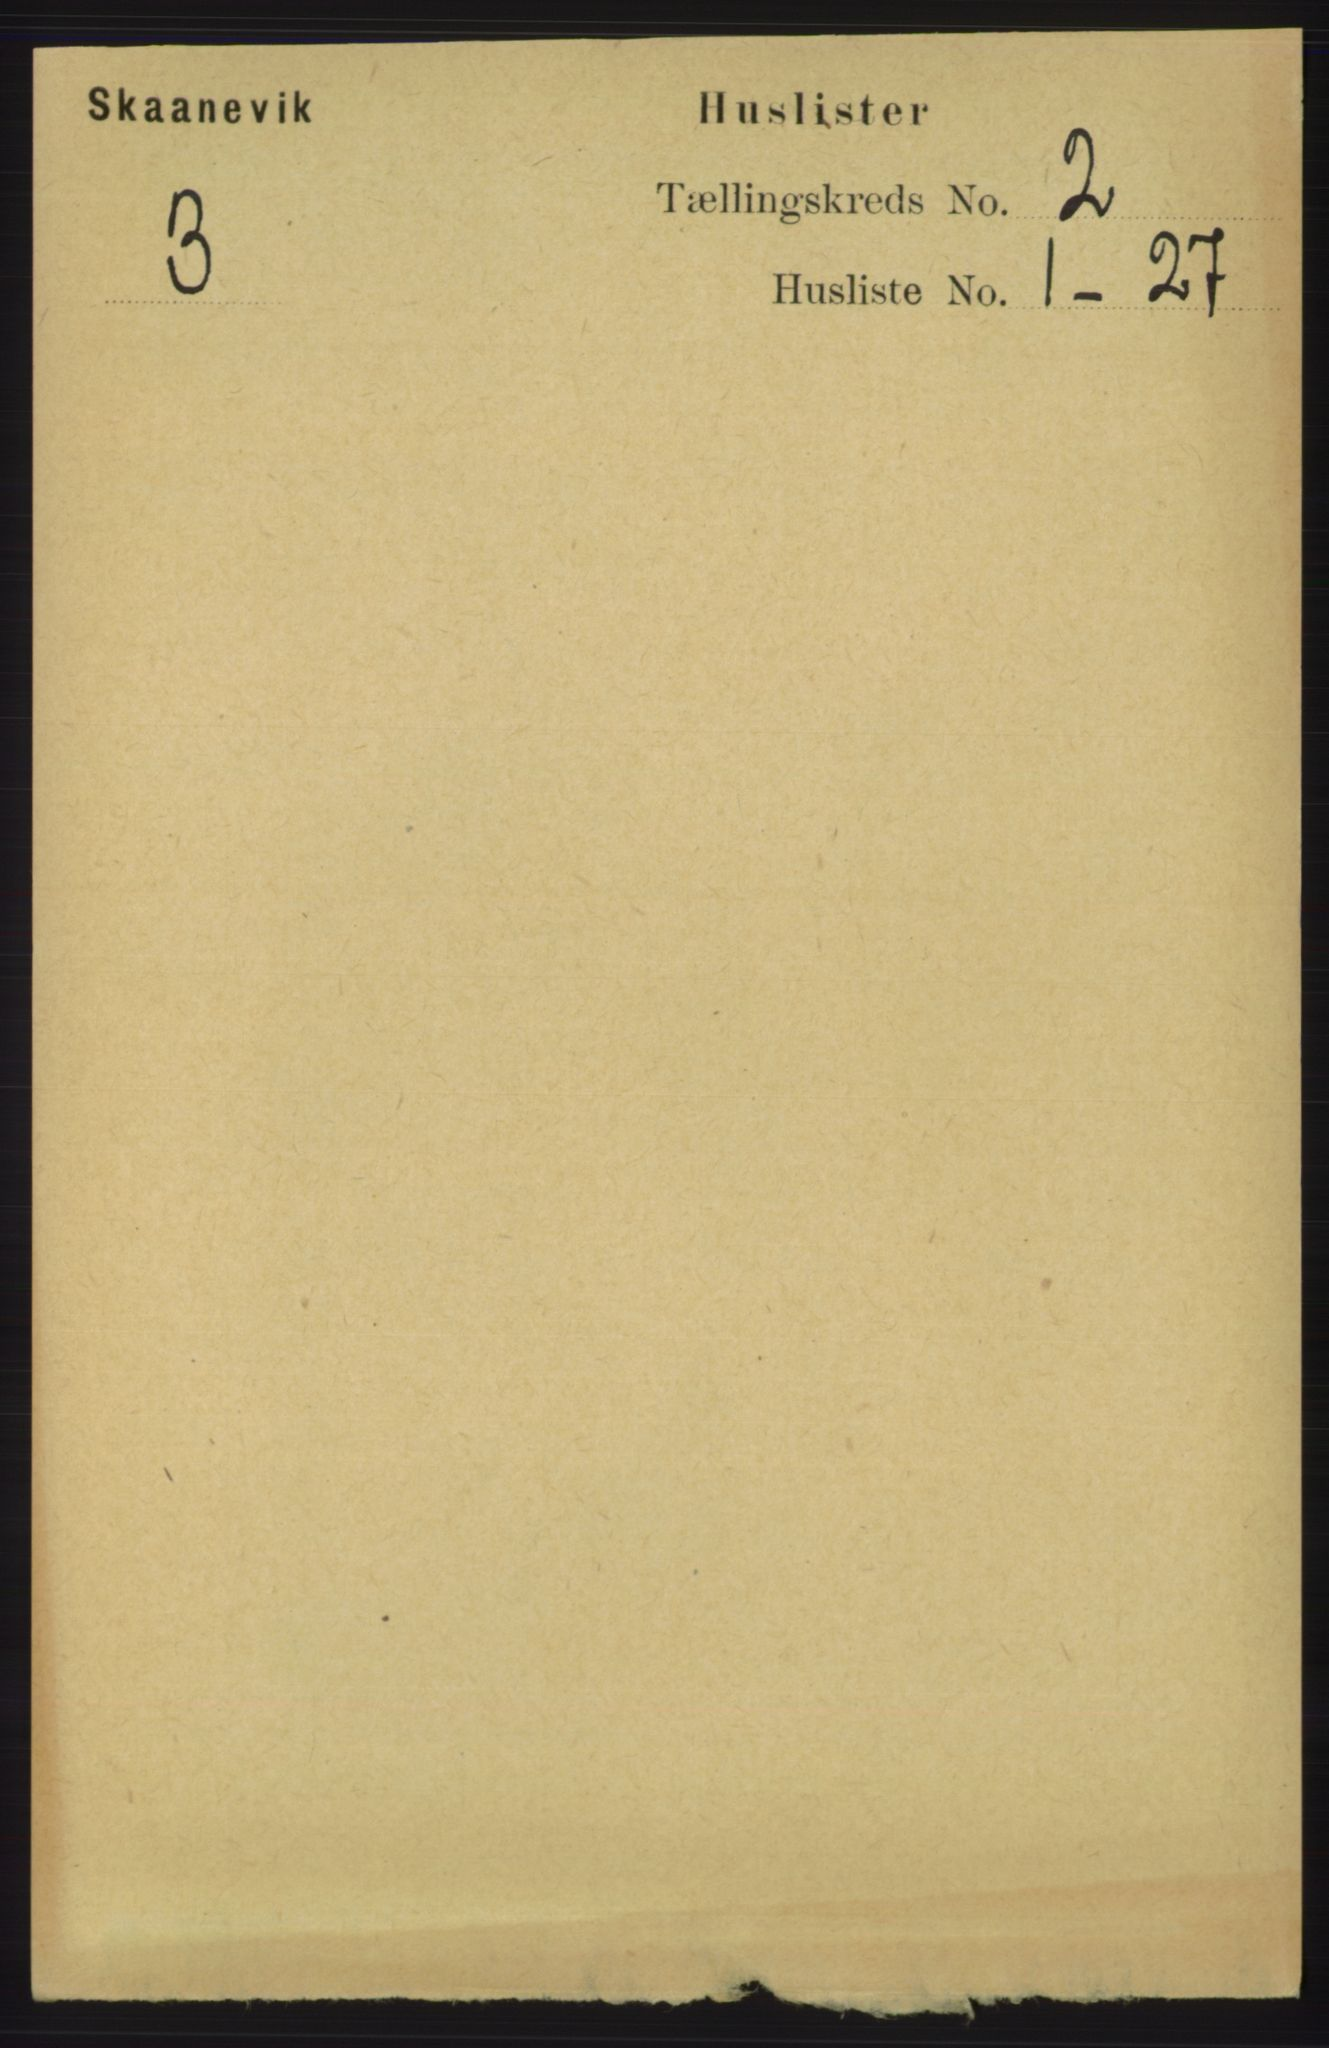 RA, Folketelling 1891 for 1212 Skånevik herred, 1891, s. 292